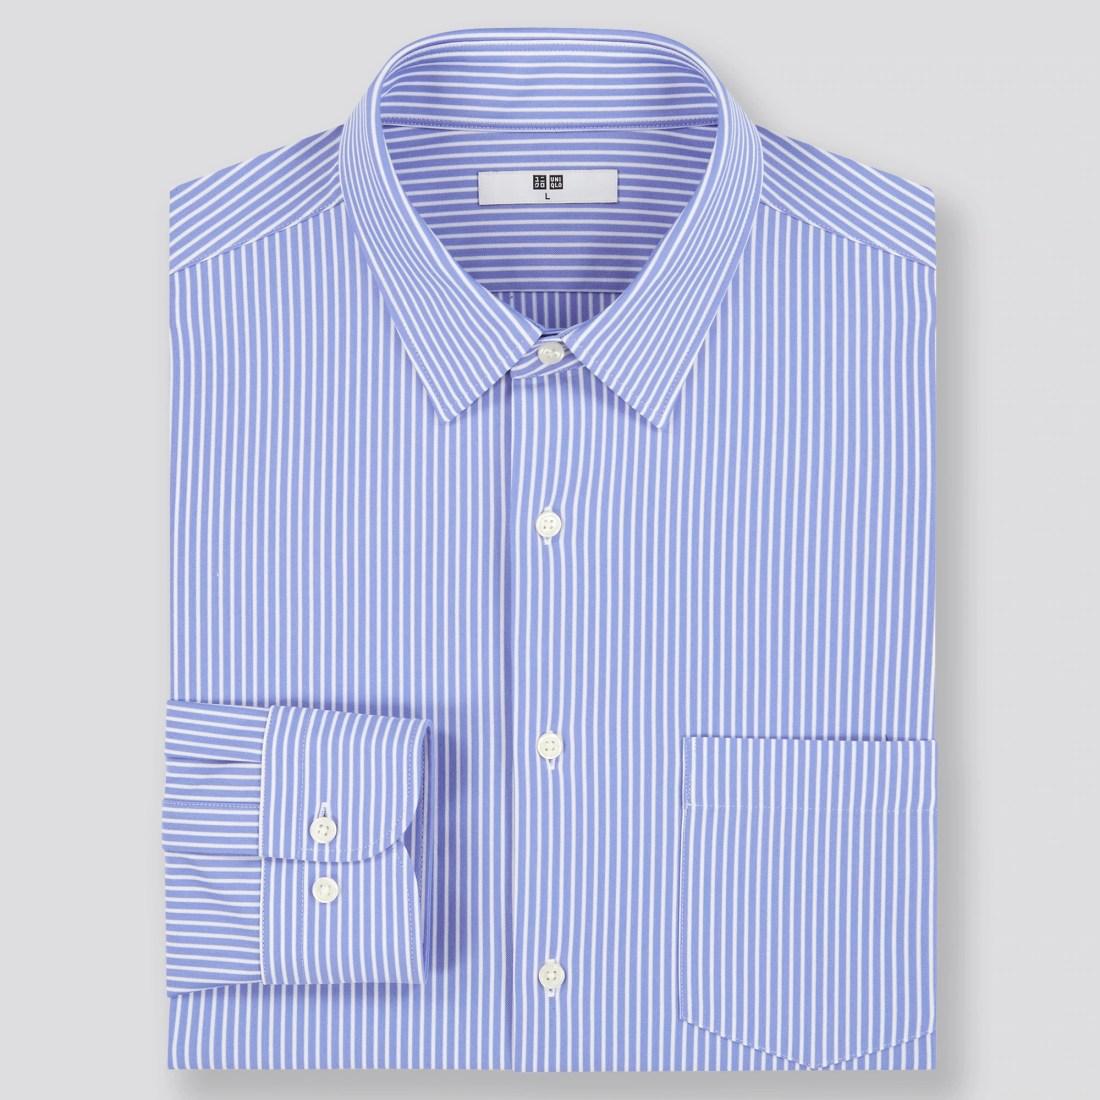 ファインクロスコンフォートストライプシャツ(ボタンダウンカラー・長袖)